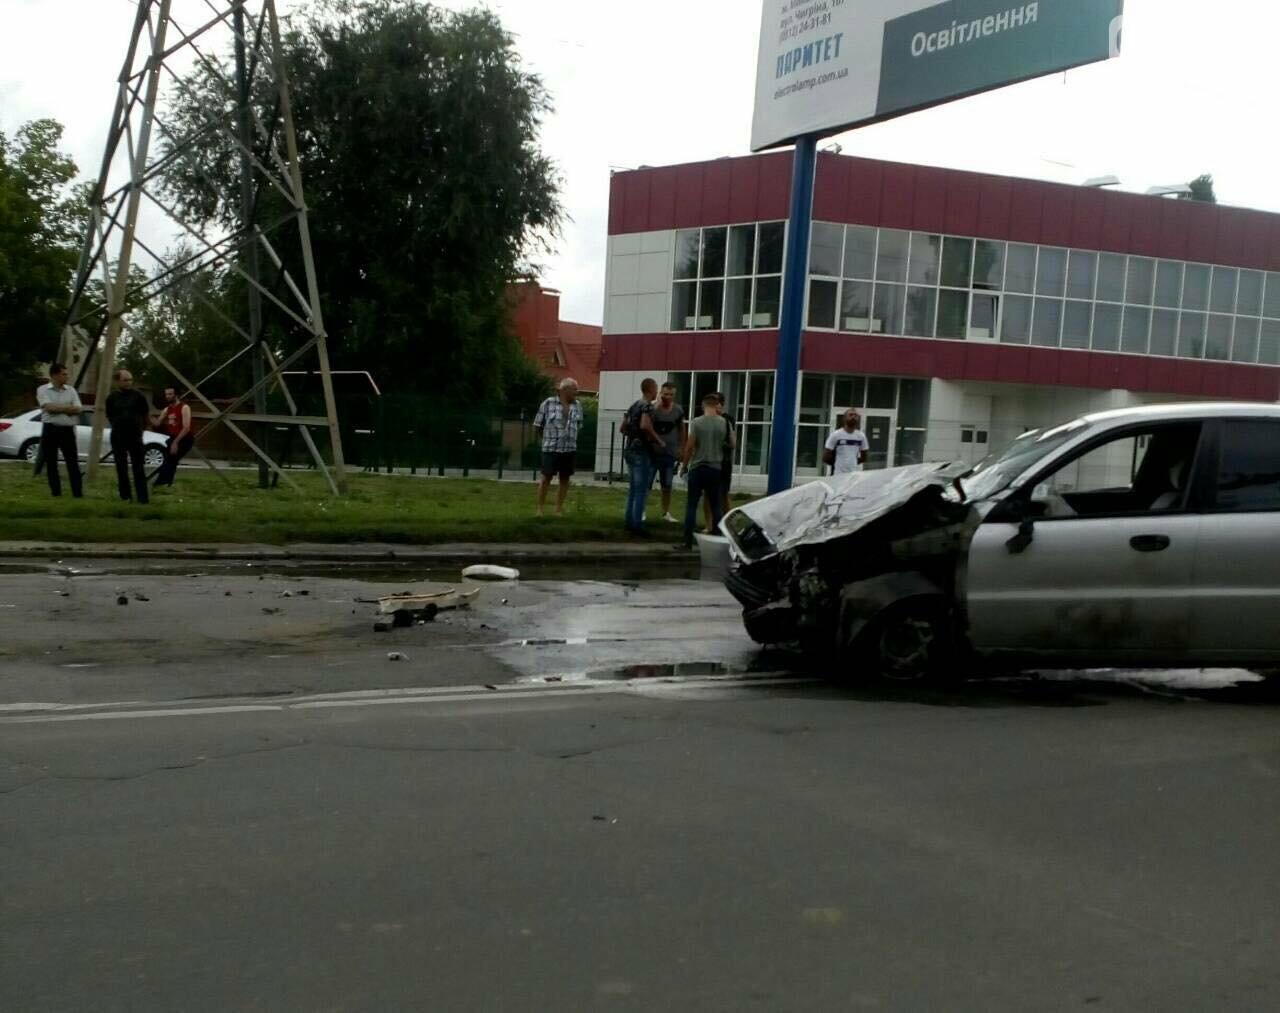 ДТП в Херсоне. Есть пострадавшие (фото), фото-1